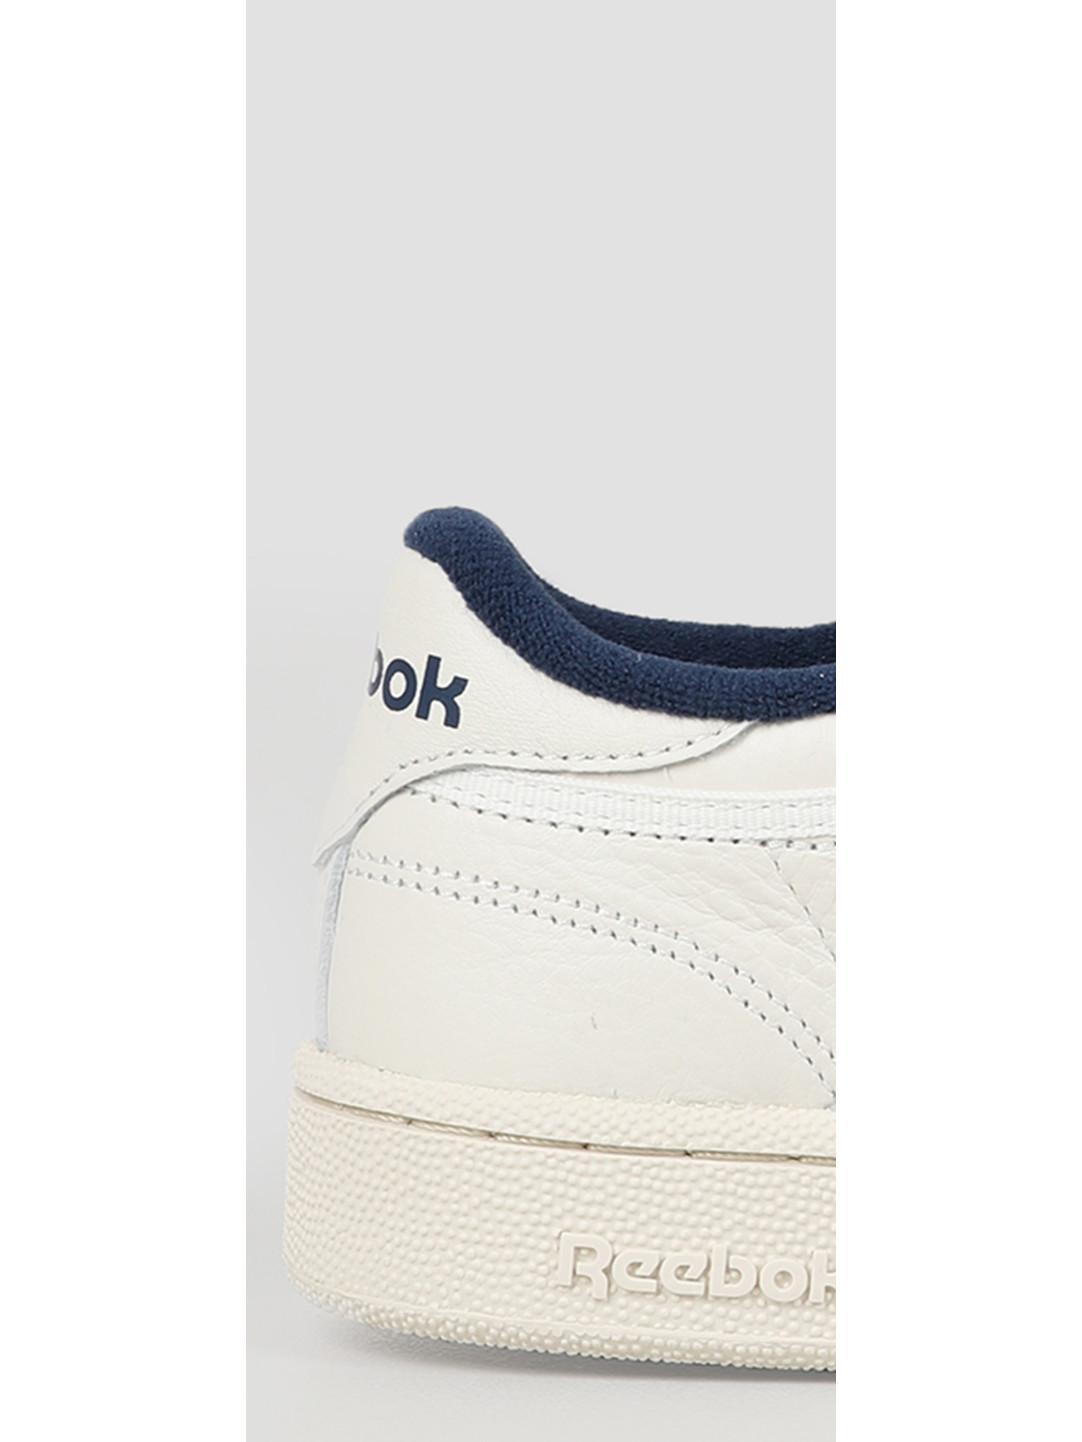 Reebok Reebok Club C 85 MU Chalk Paperwhite Nav DV8815